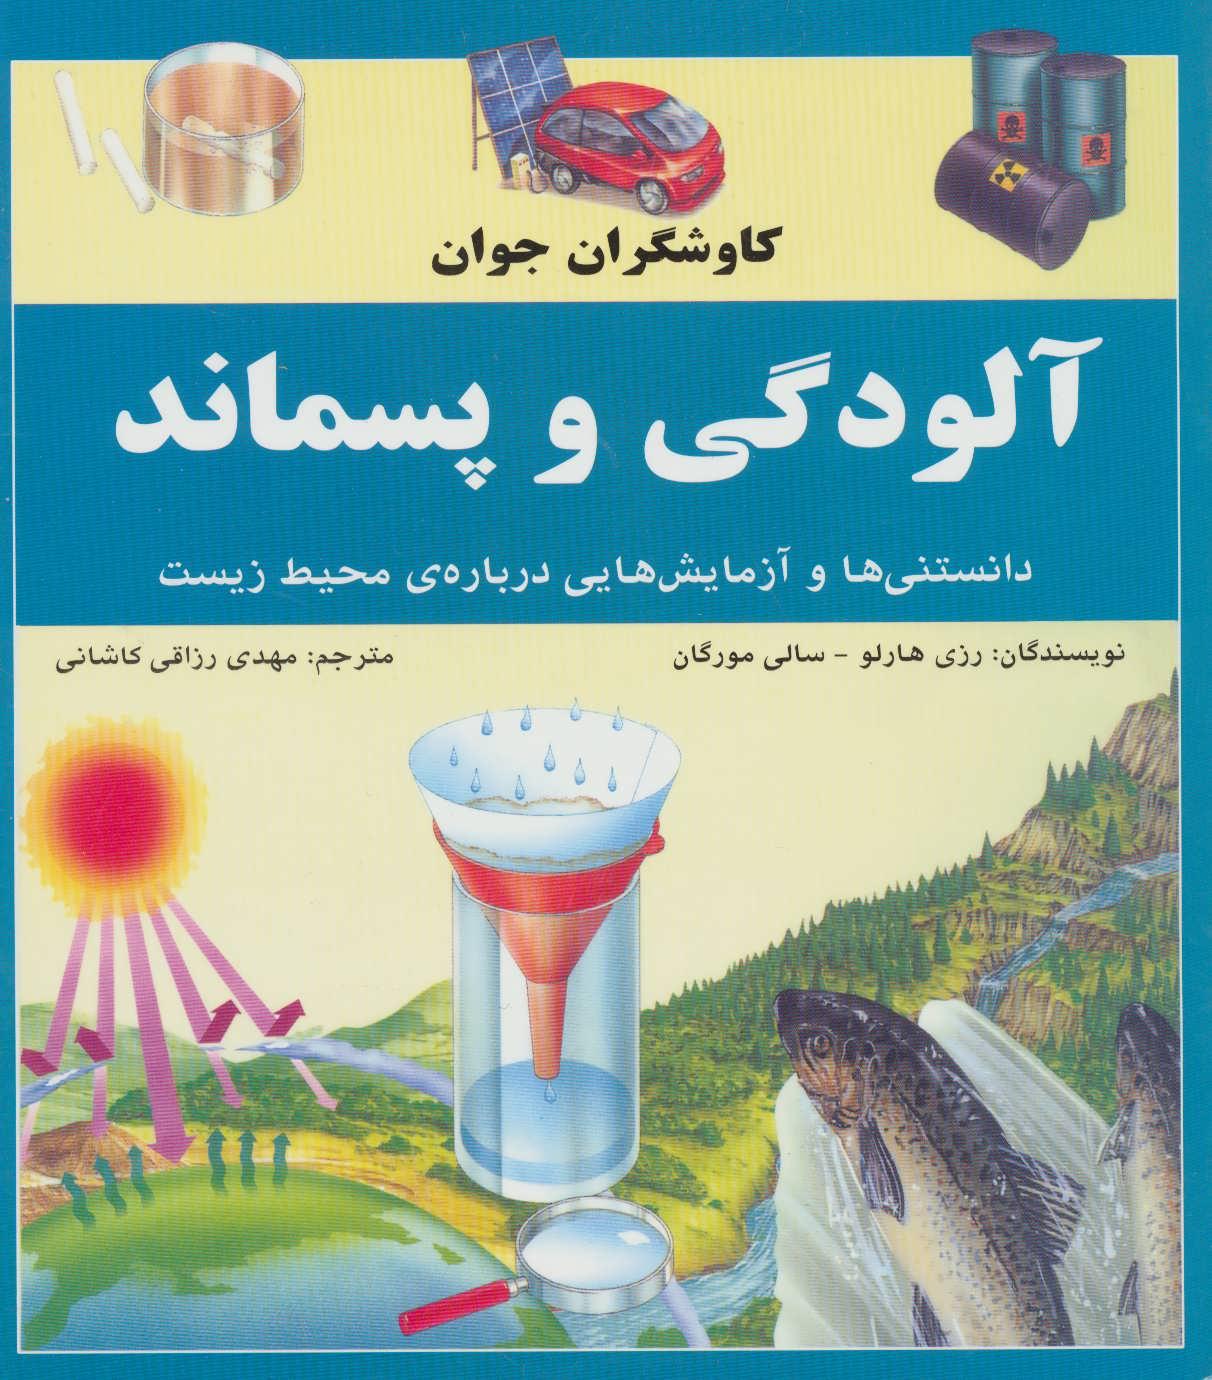 کتاب آلودگی و پسماند: دانستنیها و آزمایشهایی دربارهٔ محیط زیست